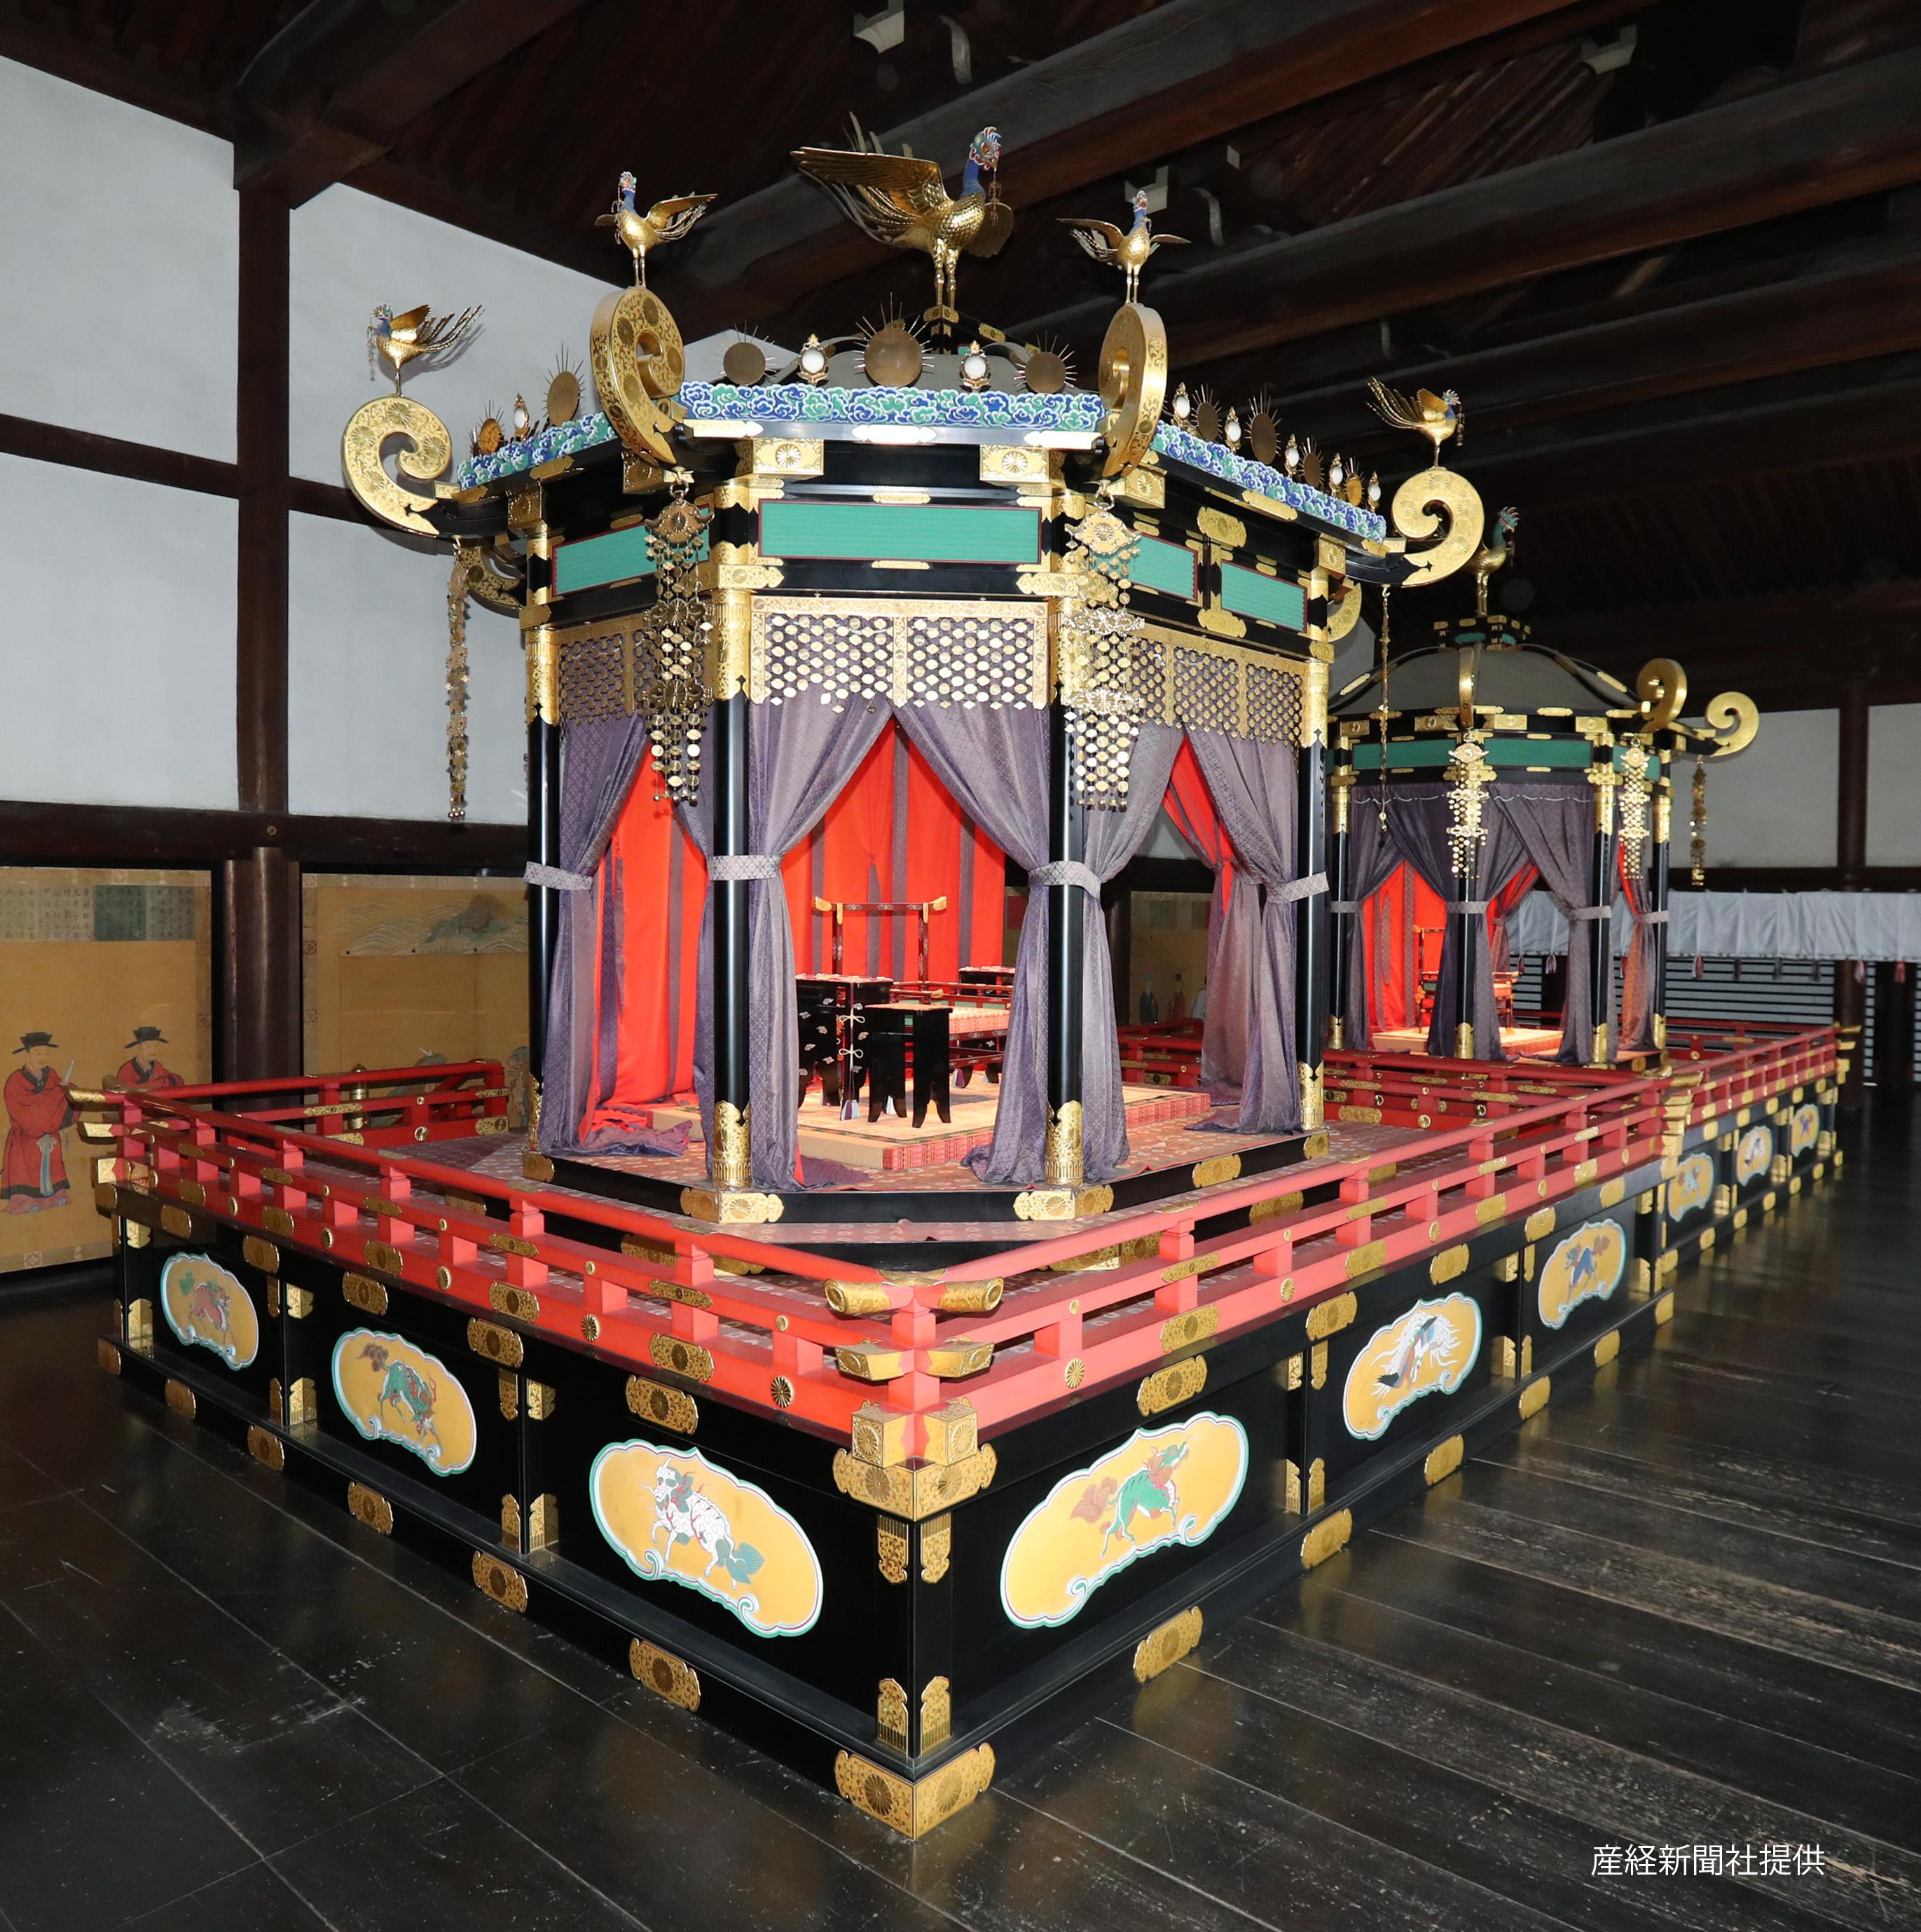 京都御所で公開された「高御座(たかみくら)」と「御帳台(みちょうだい)」。「即位礼正殿の儀」で新たに即位される天皇、皇后両陛下がお立ちになる